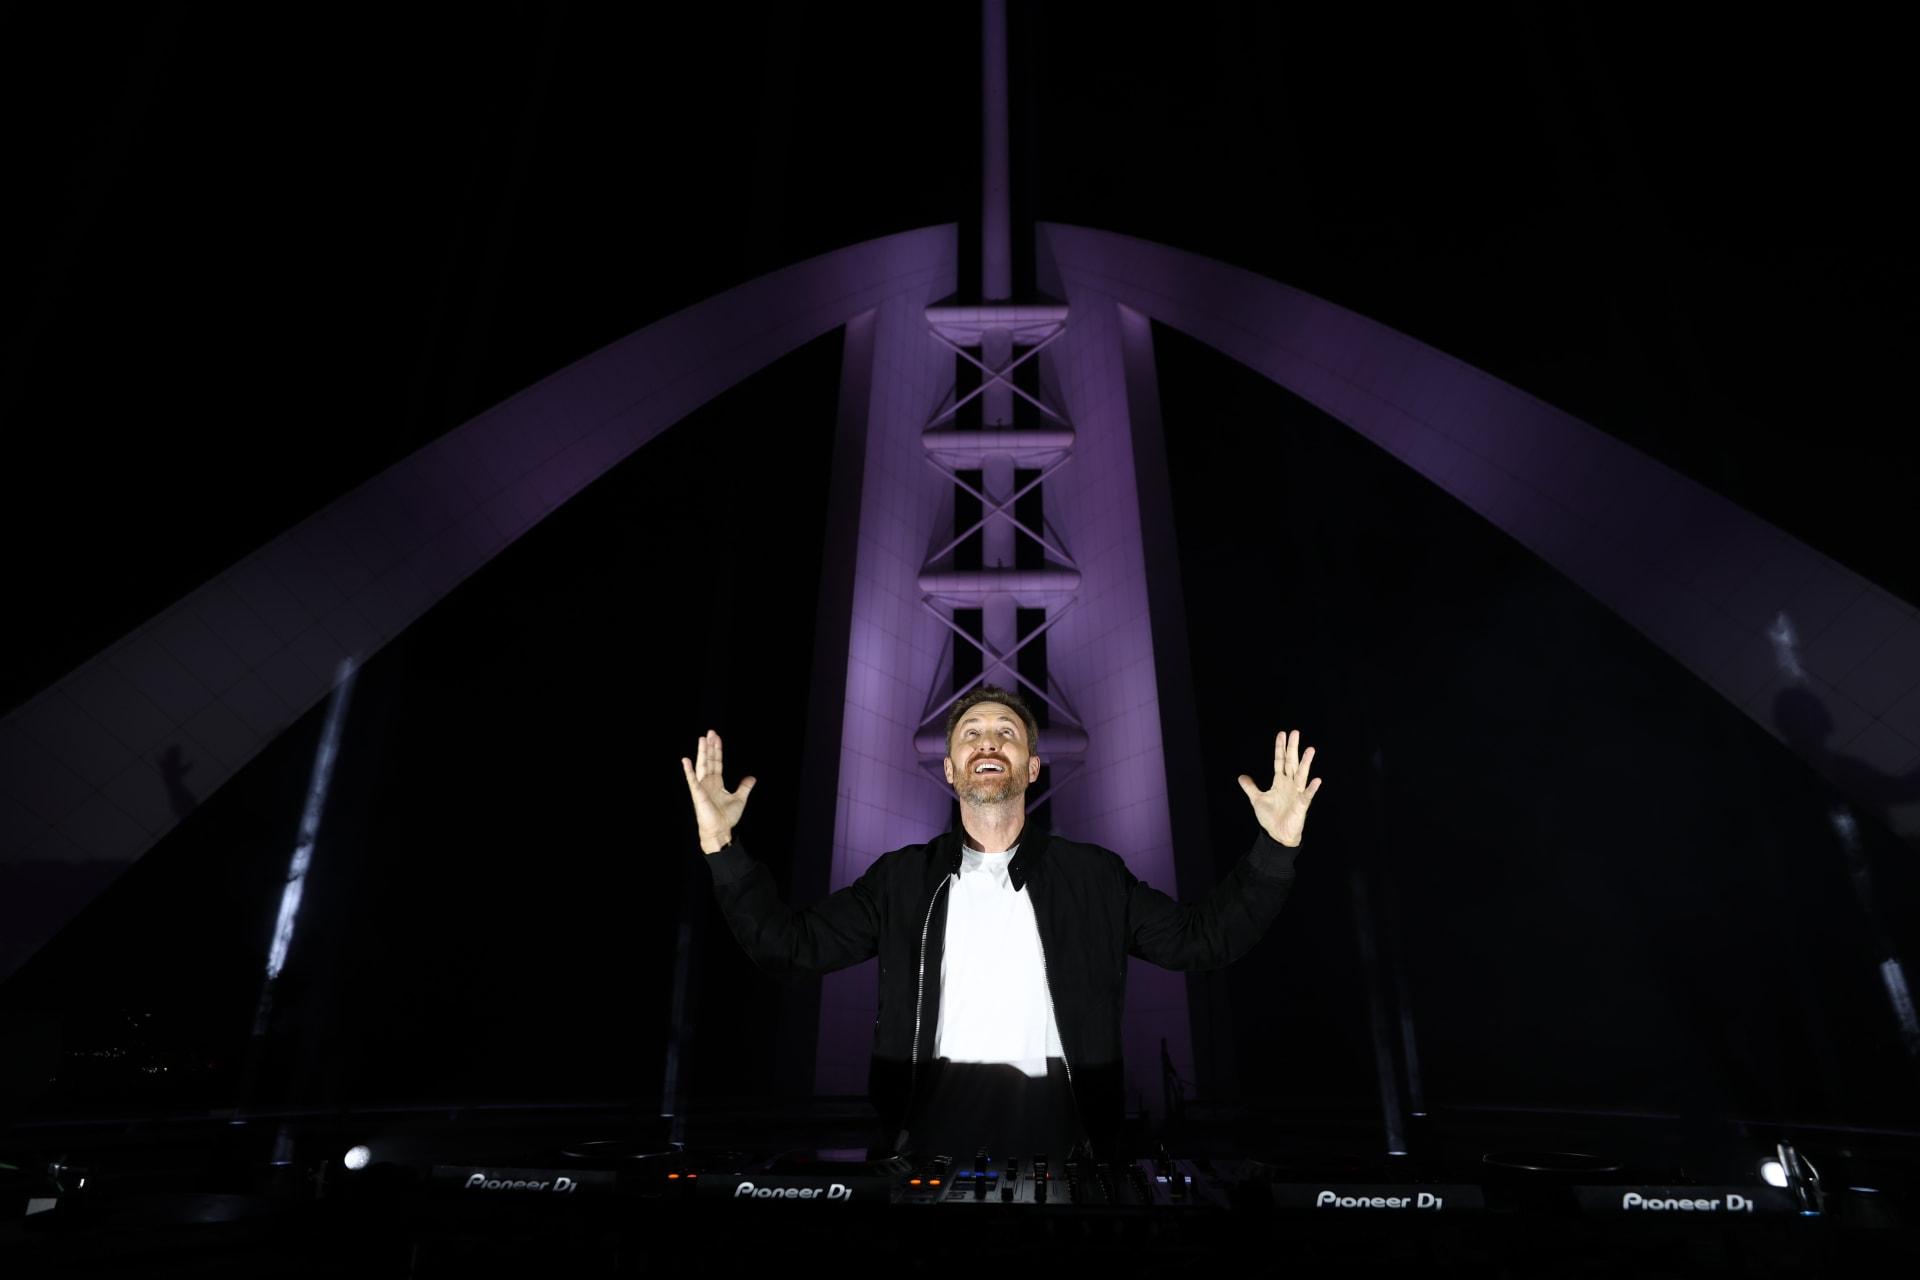 دافيد غيتا يقدم حفله الموسيقى من أعلى فندق برج العرب جميرا في دبي